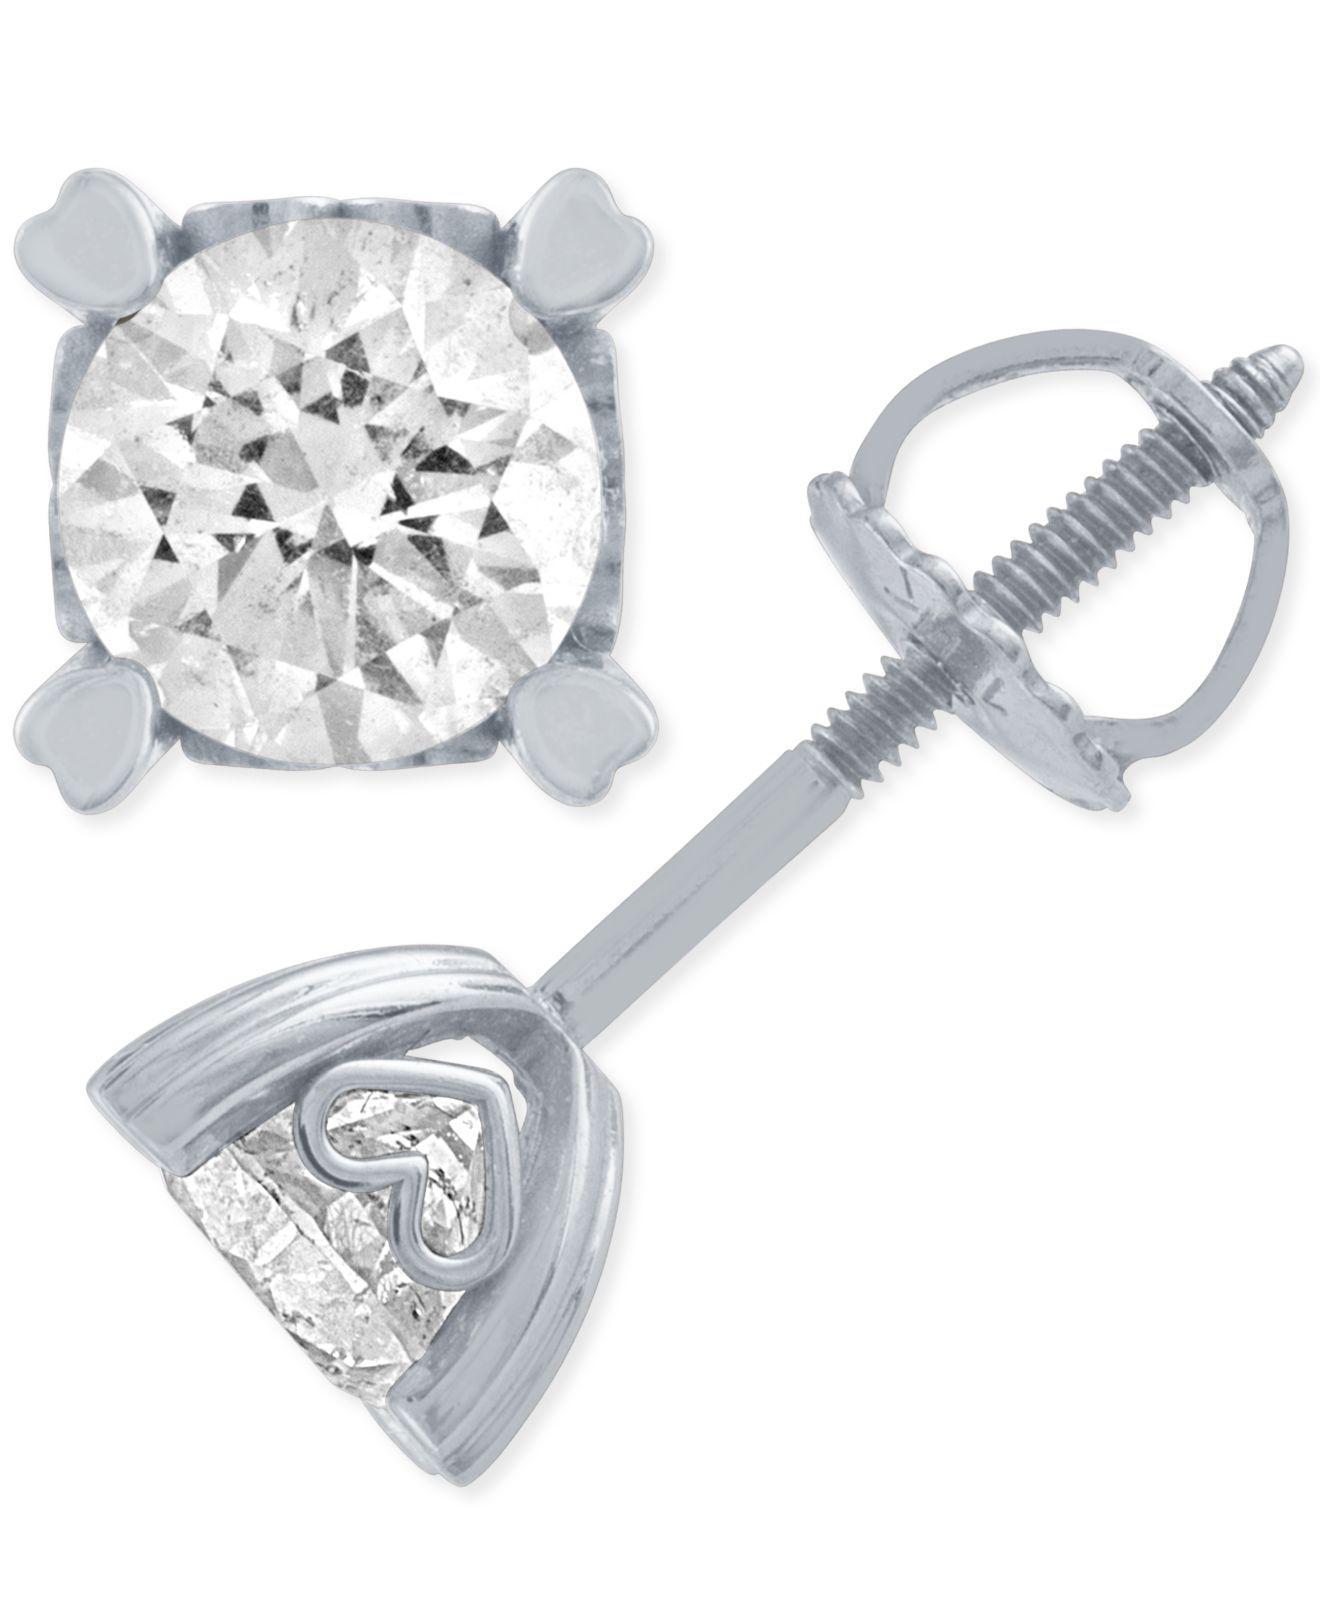 1 Ct Diamond Studs Macys ✓ Diamond Paradise